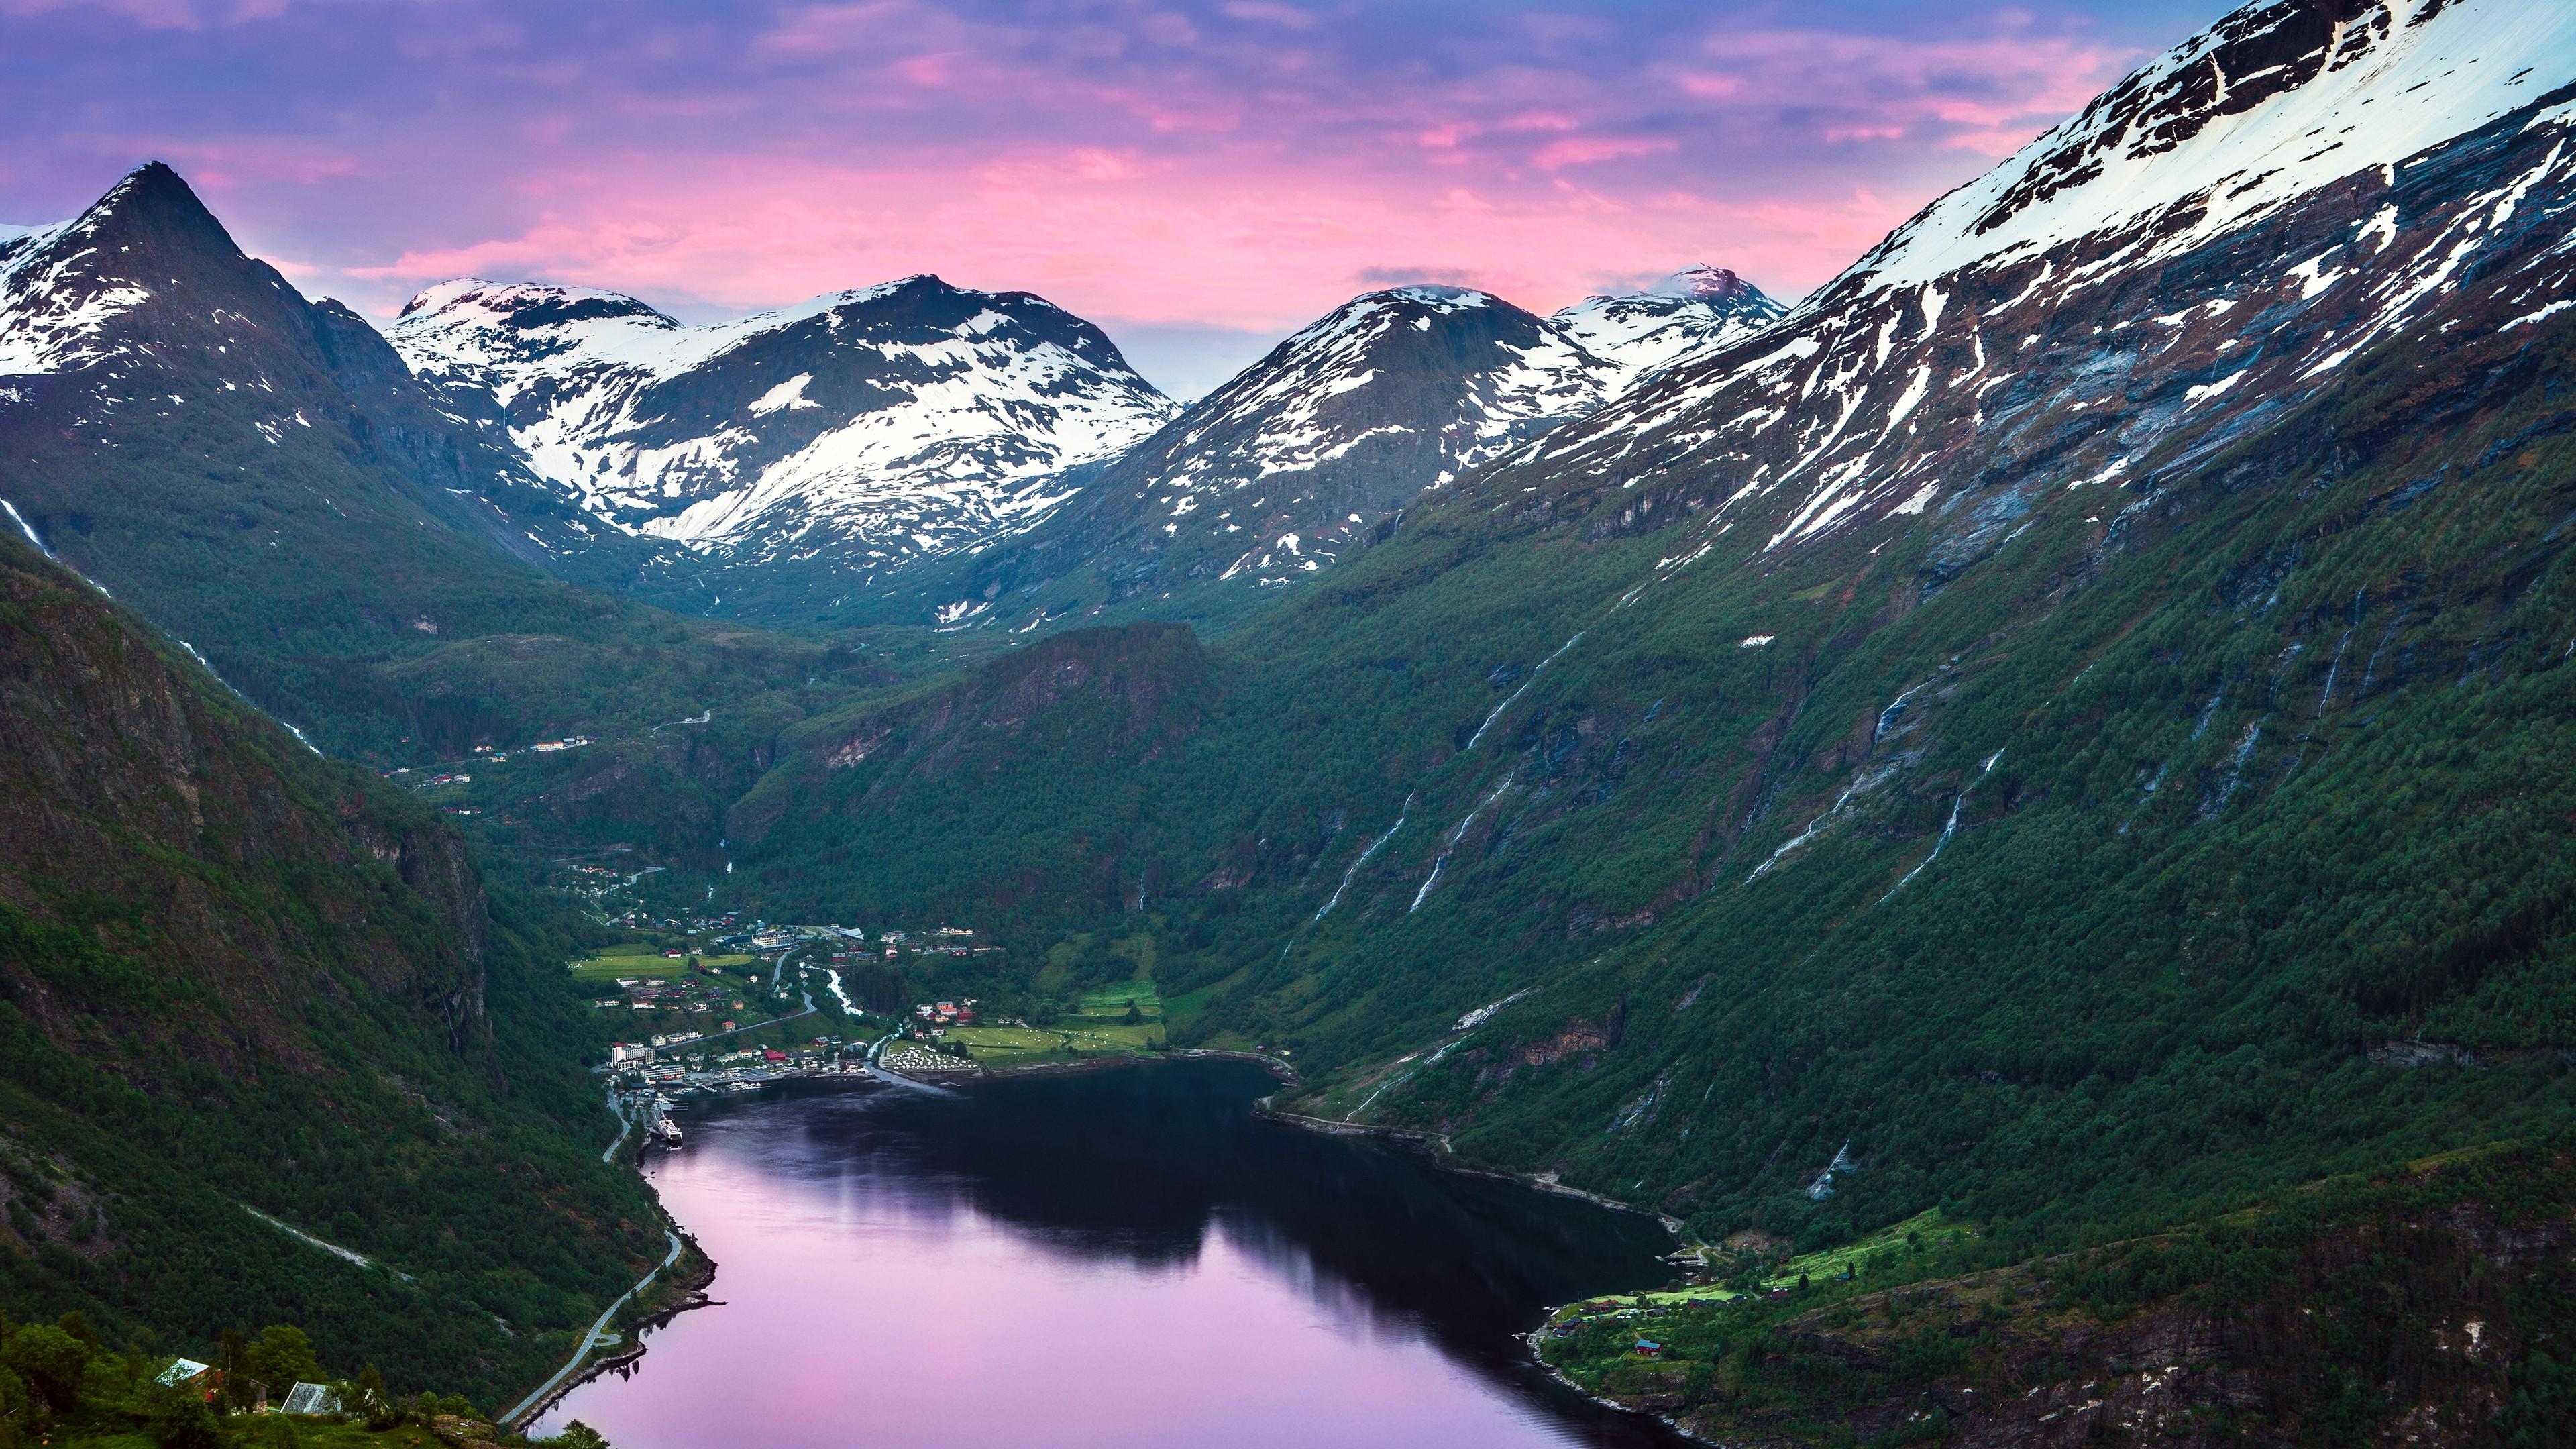 Горное озеро среди снежных горных вершин и изумрудной зеленью склонов